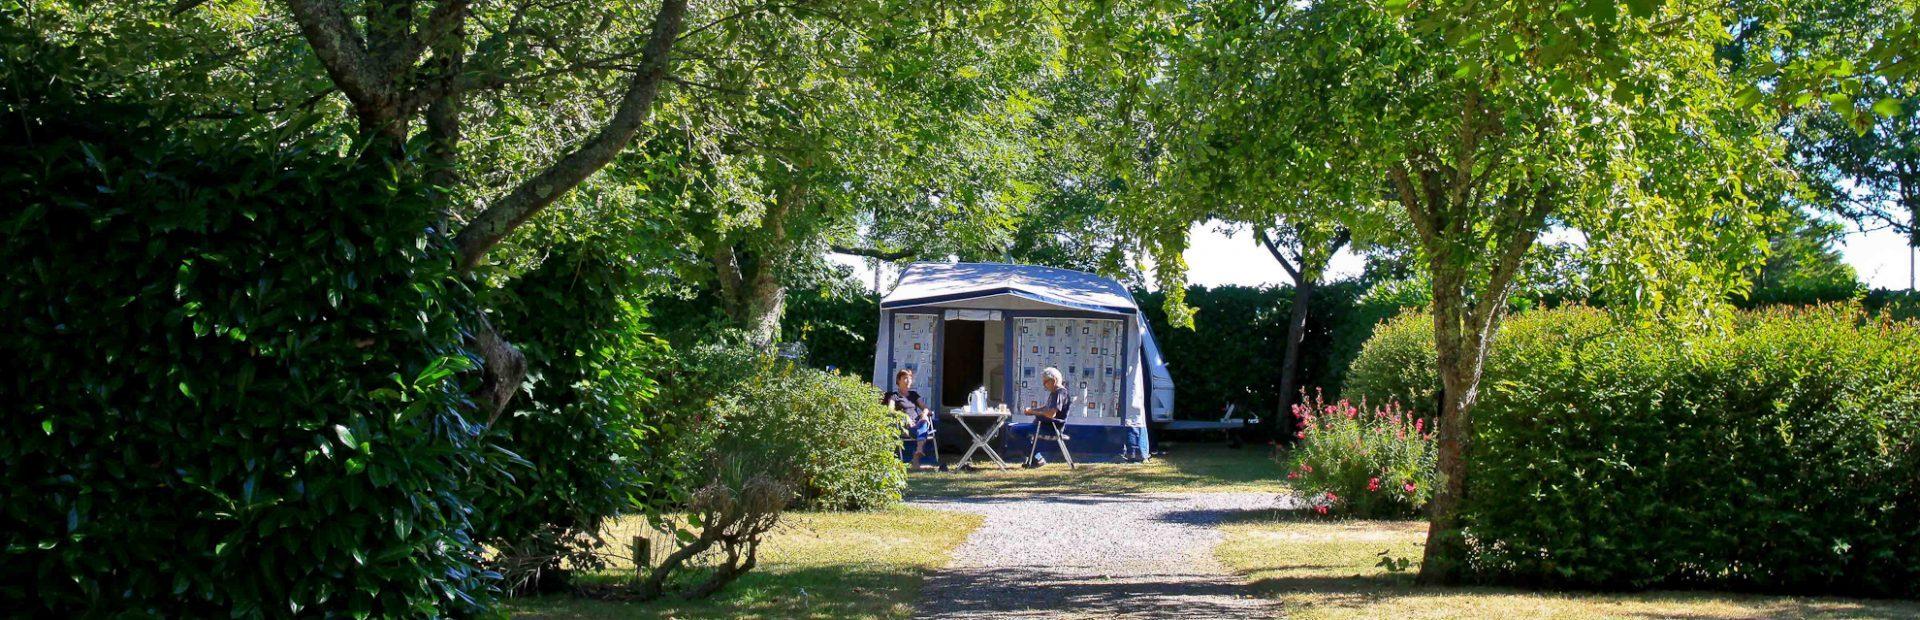 Camping Du Pouldu : Img 6043 2 2